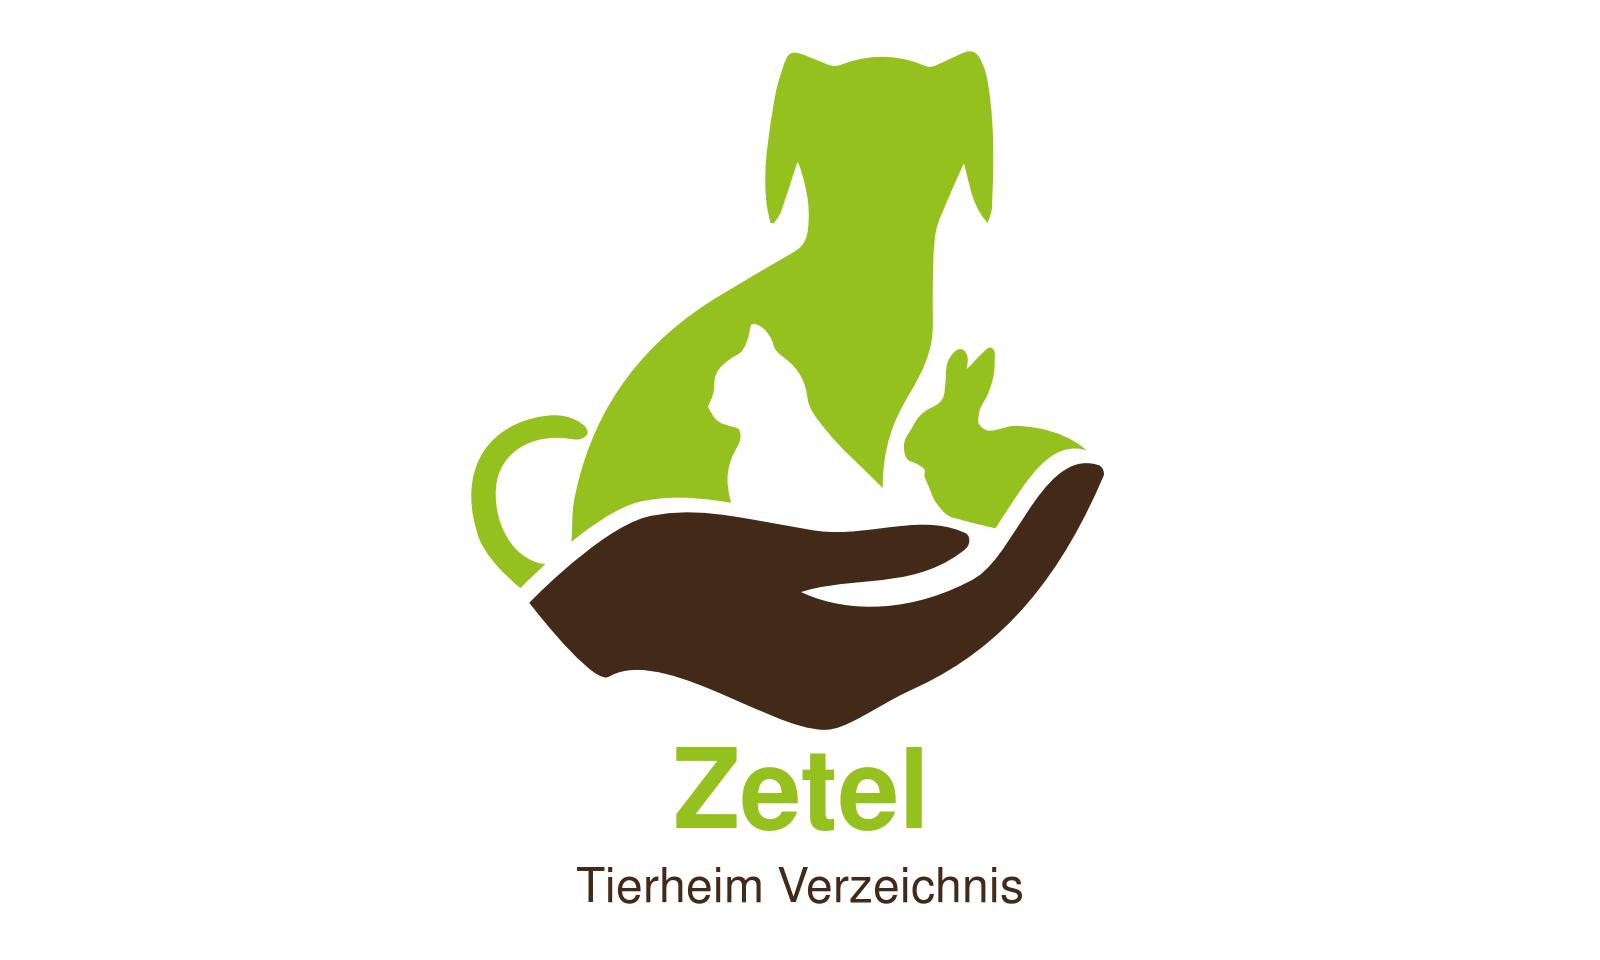 Tierheim Zetel